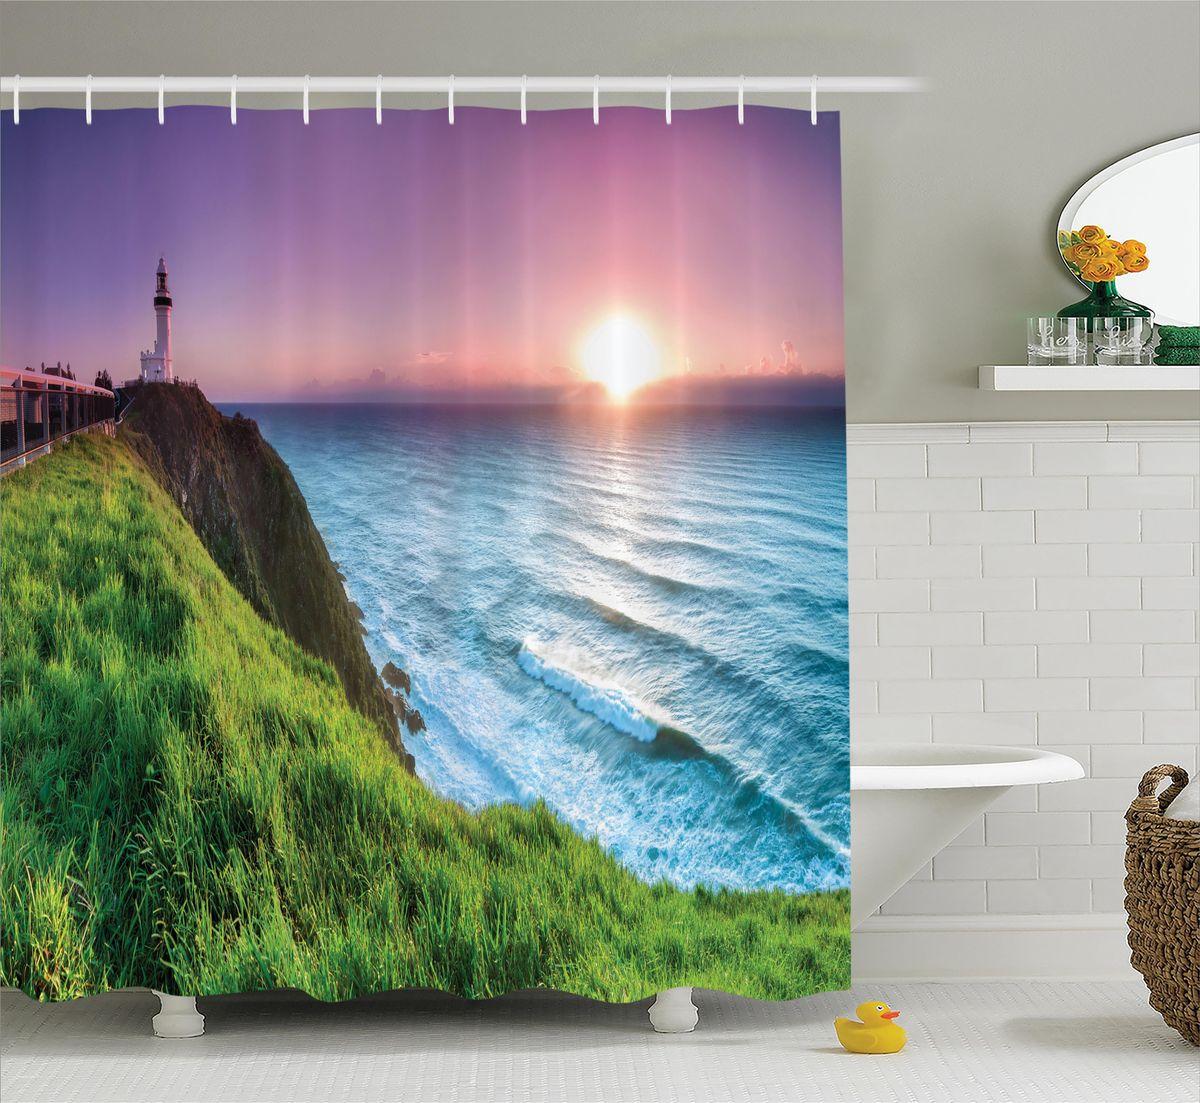 Штора для ванной комнаты Magic Lady Зеленый берег на закате, 180 х 200 смшв_12370Штора Magic Lady Зеленый берег на закате, изготовленная из высококачественного сатена (полиэстер 100%), отлично дополнит любой интерьер ванной комнаты. При изготовлении используются специальные гипоаллергенные чернила для прямой печати по ткани, безопасные для человека. В комплекте: 1 штора, 12 крючков. Обращаем ваше внимание, фактический цвет изделия может незначительно отличаться от представленного на фото.